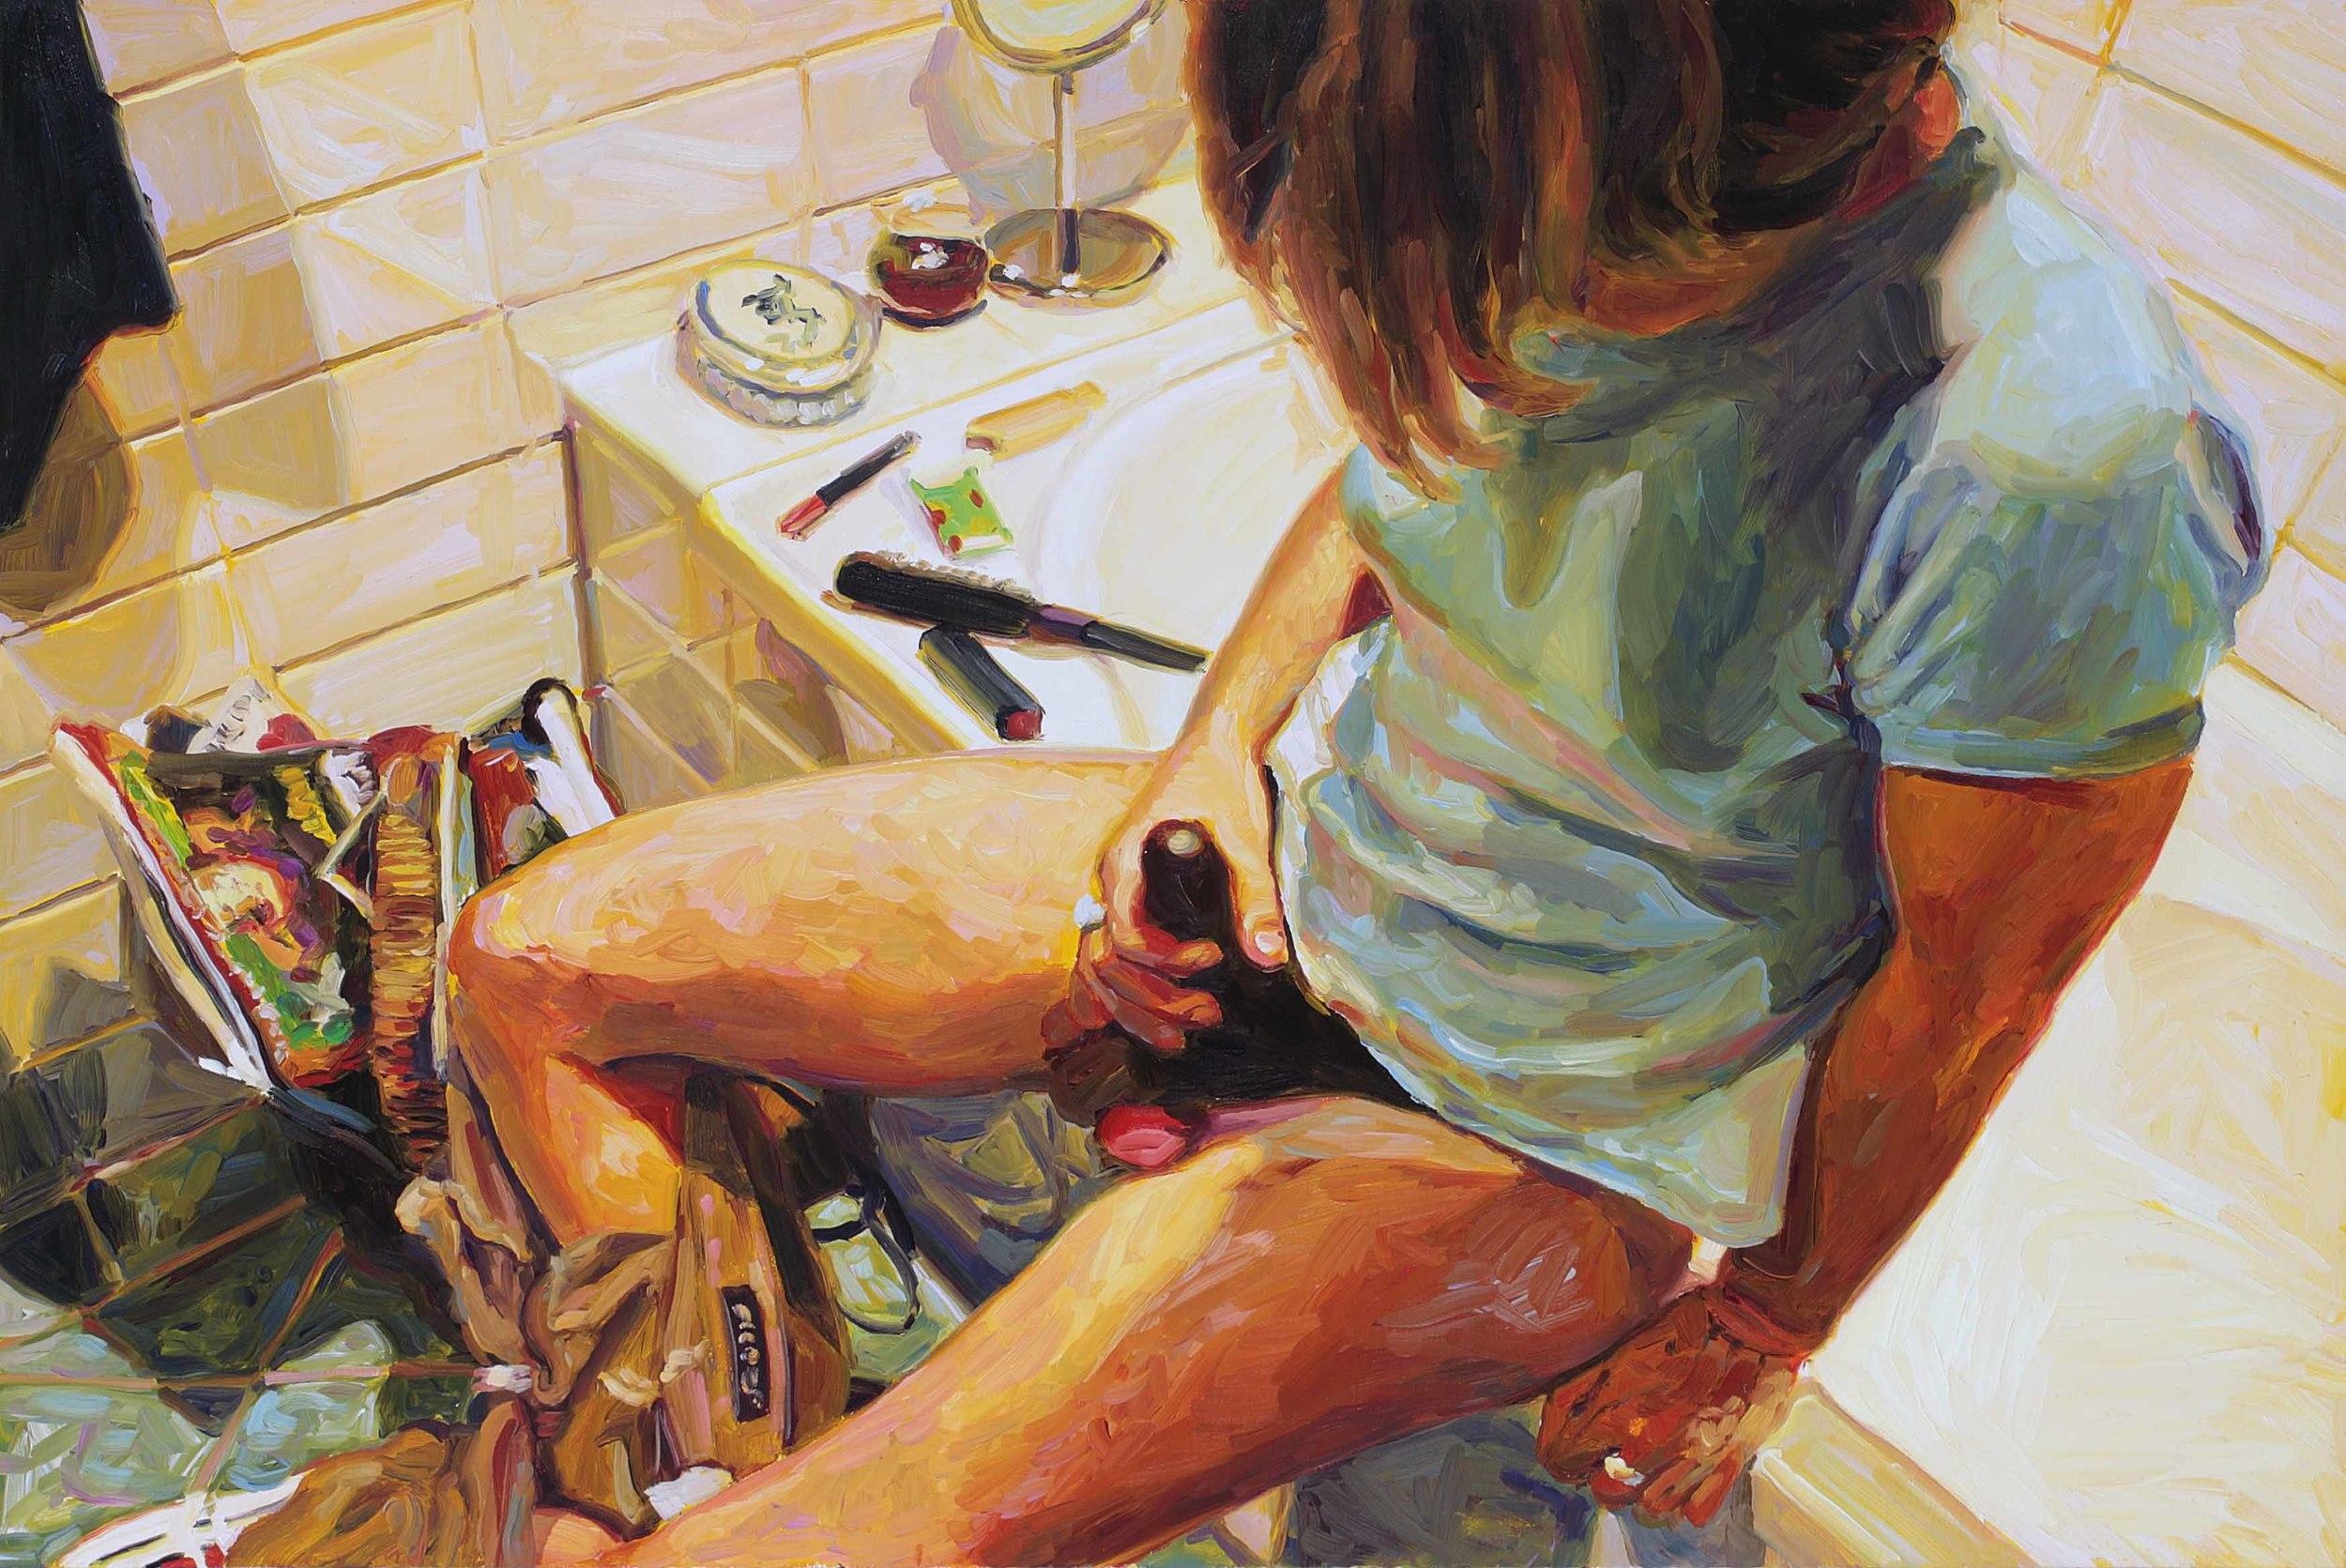 Self-sufficient Self-Portrait, oil on board, 60 x 90 cm, 2008.